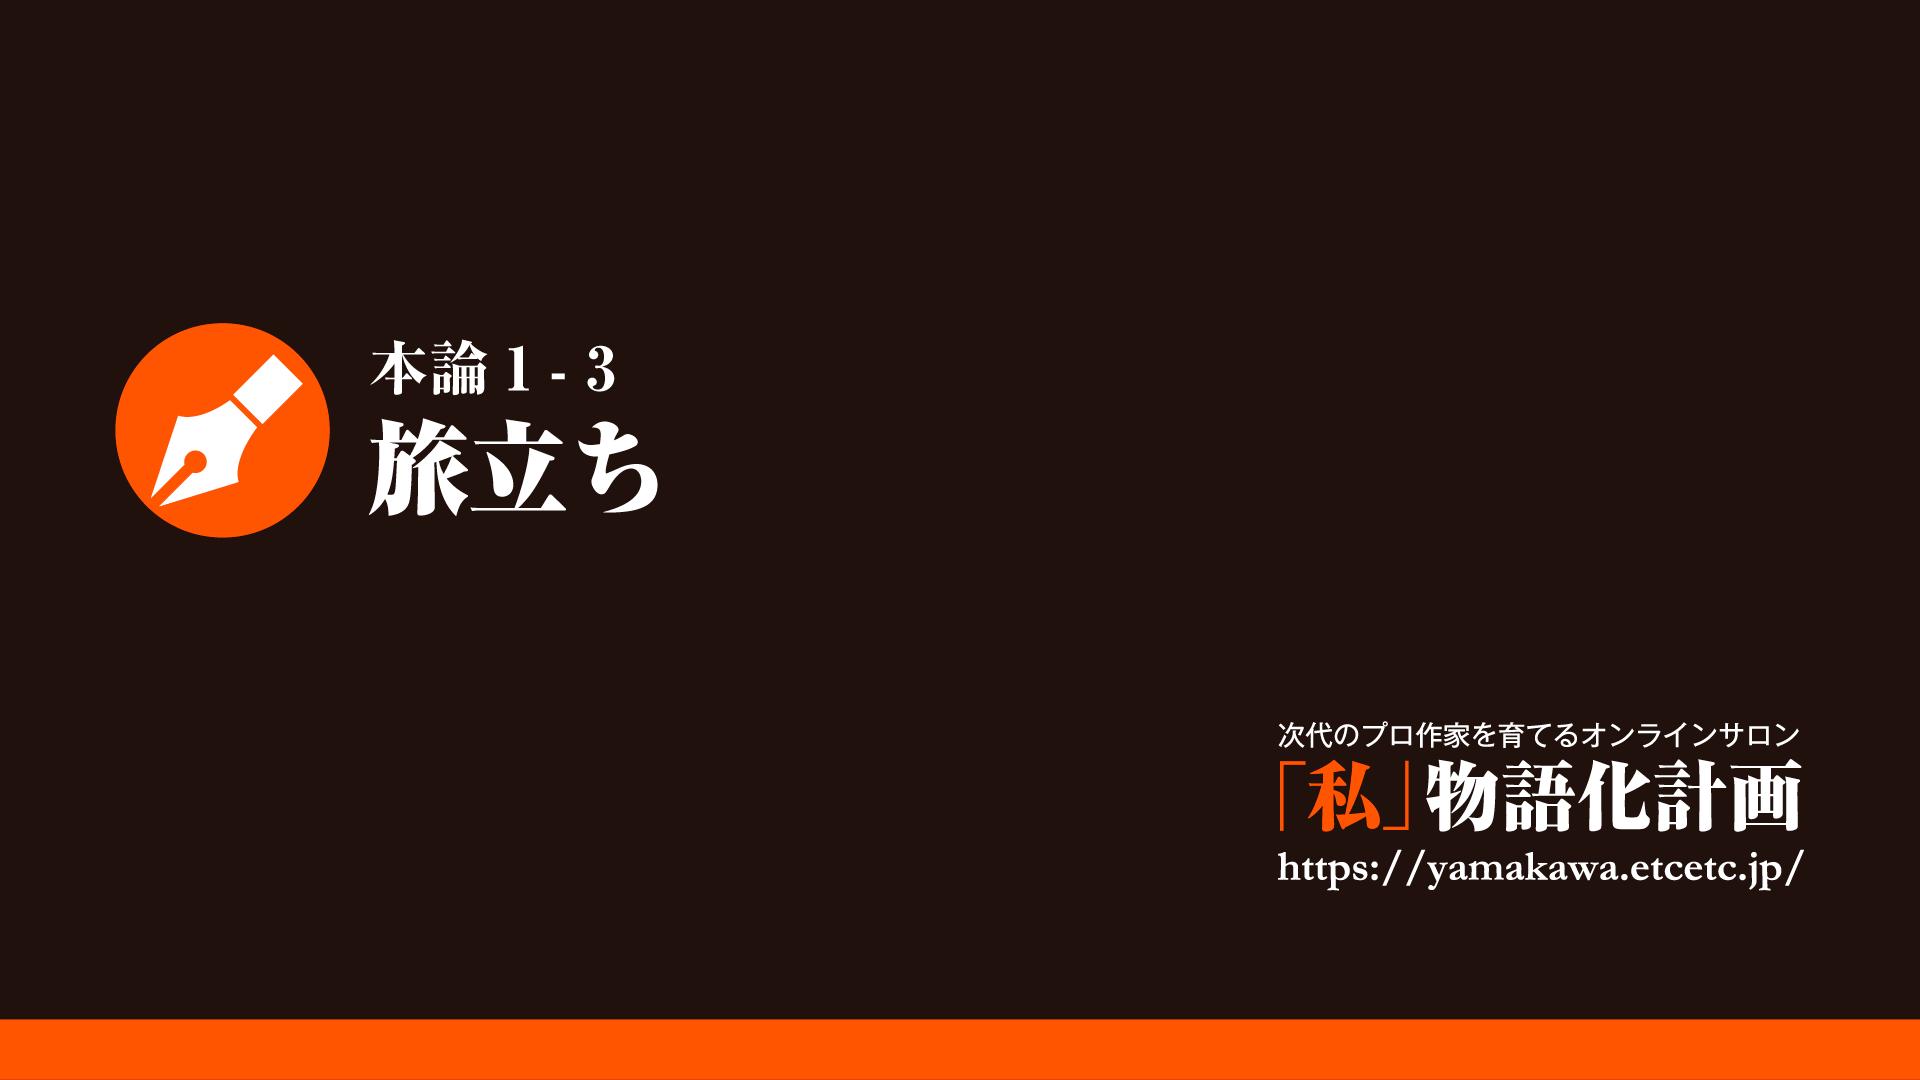 山川本論1-3